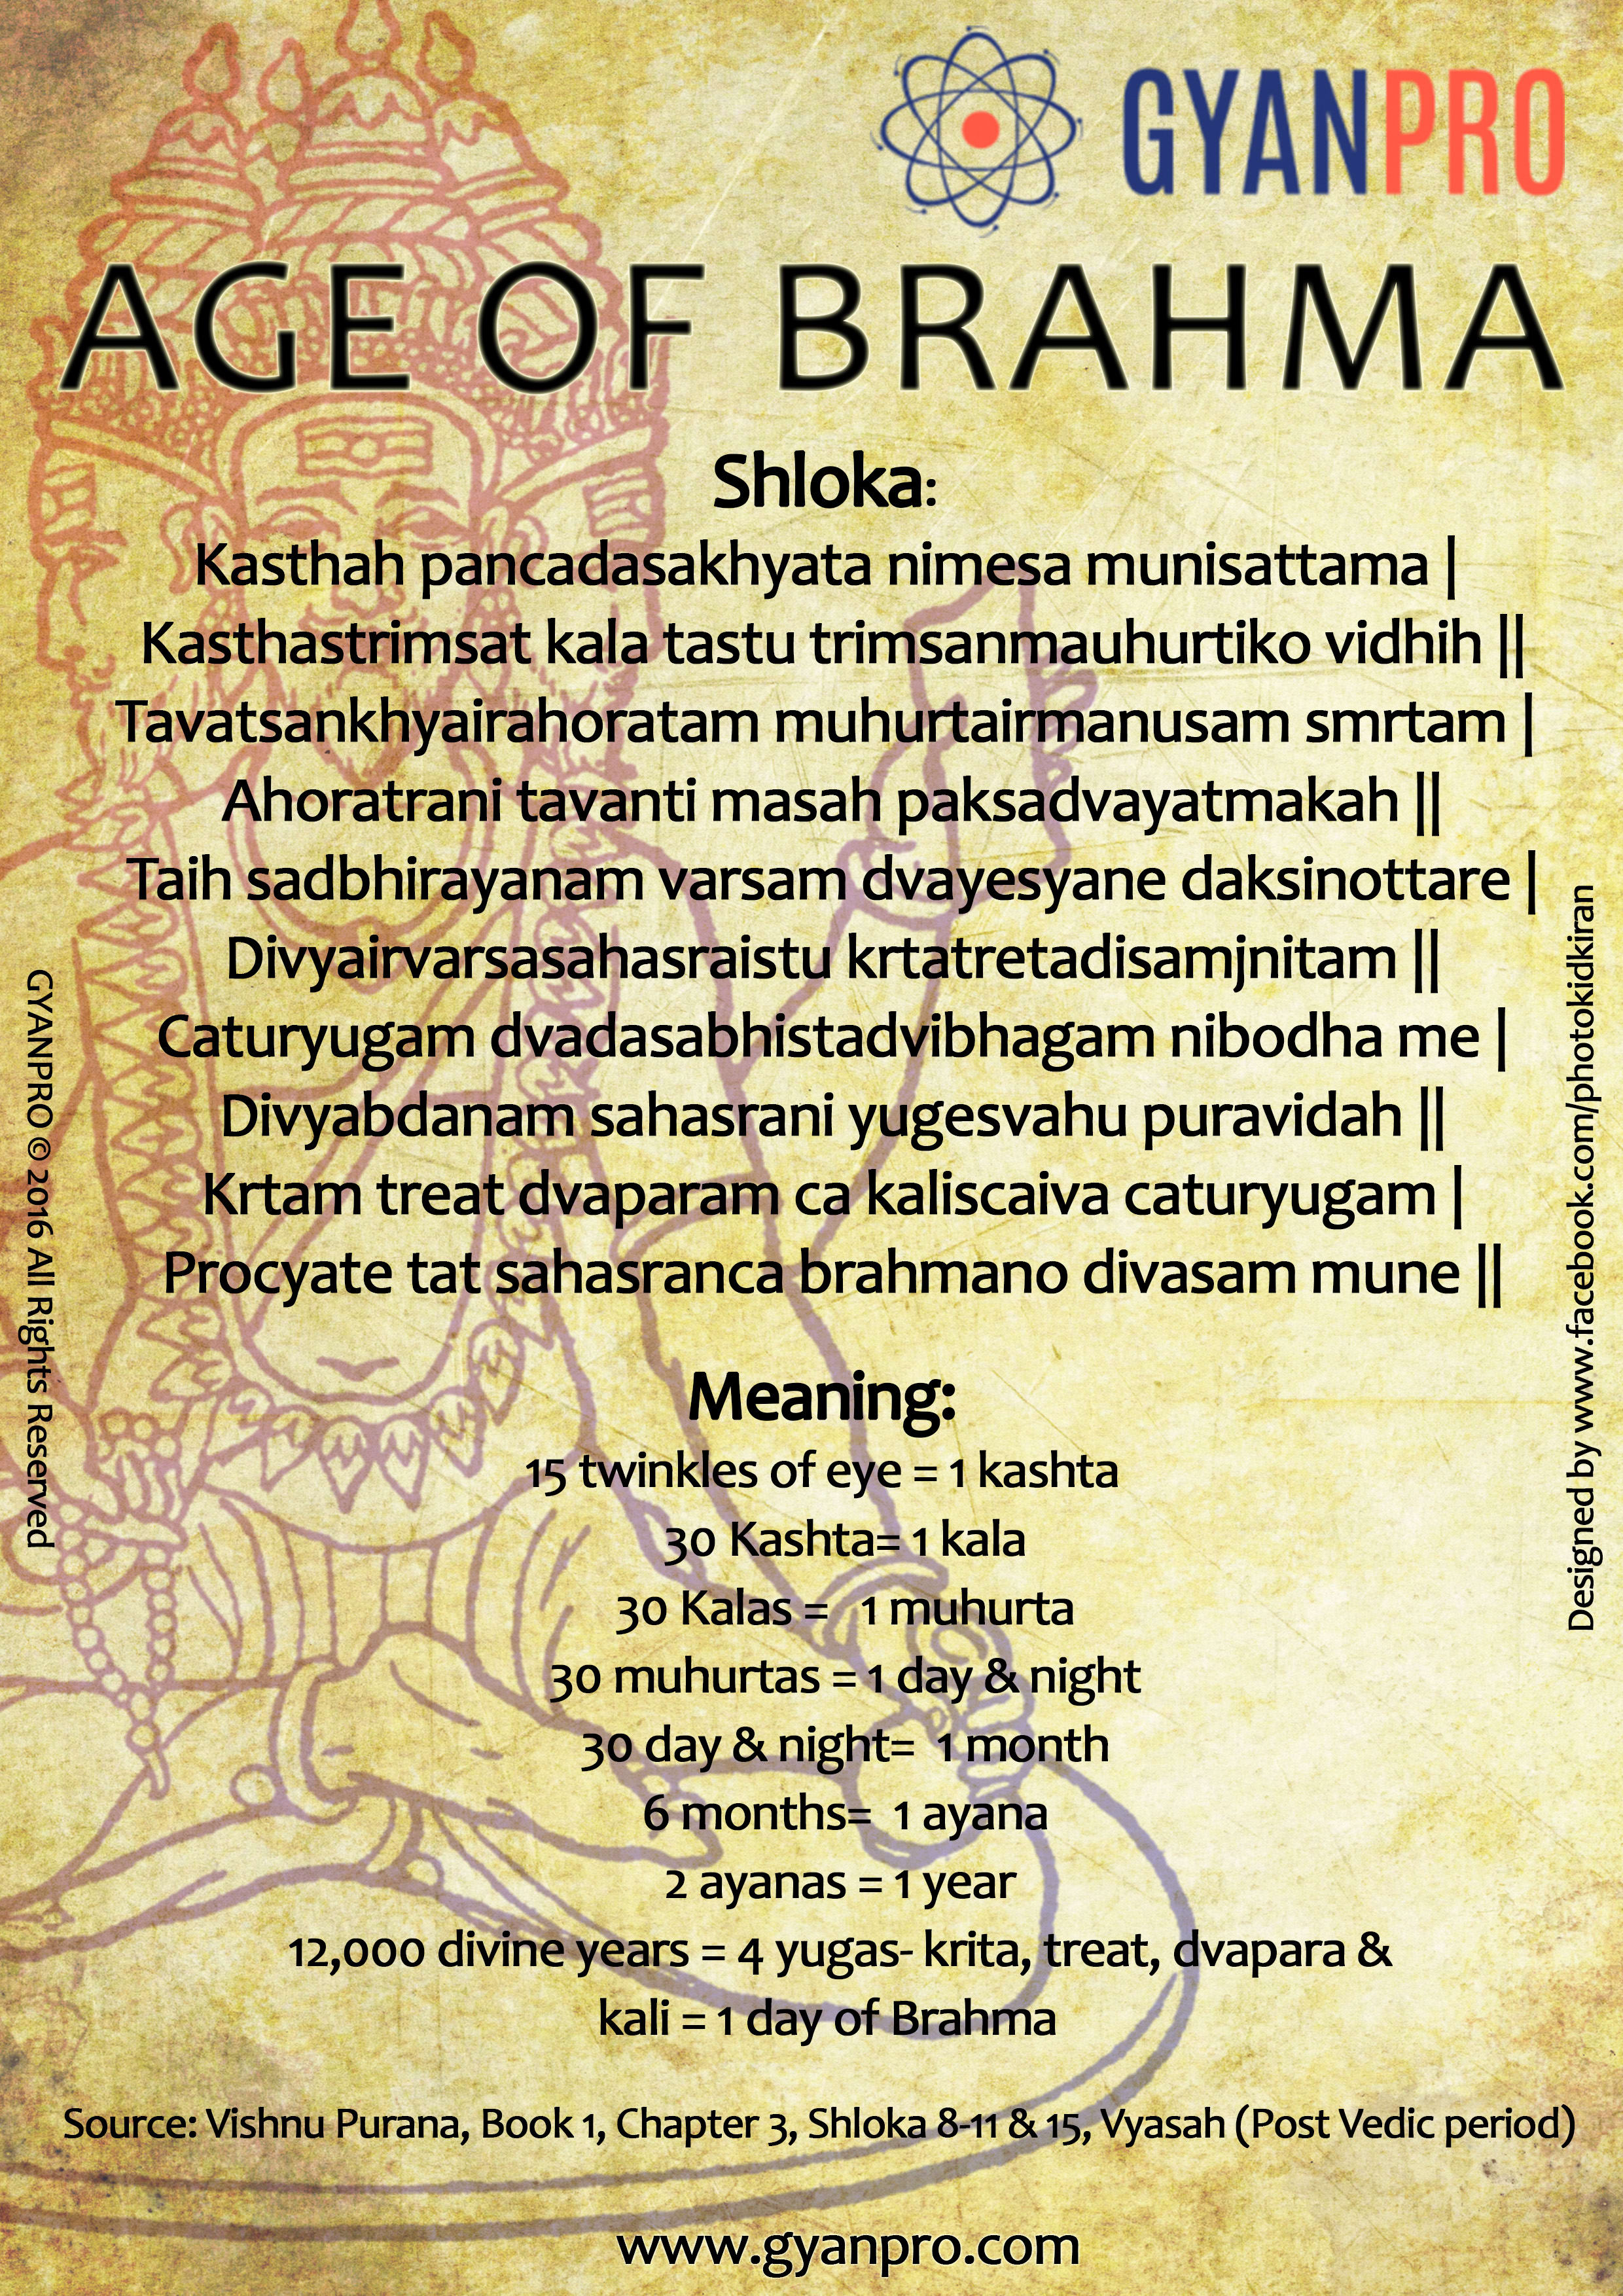 GYANPRO_Age of Brahma